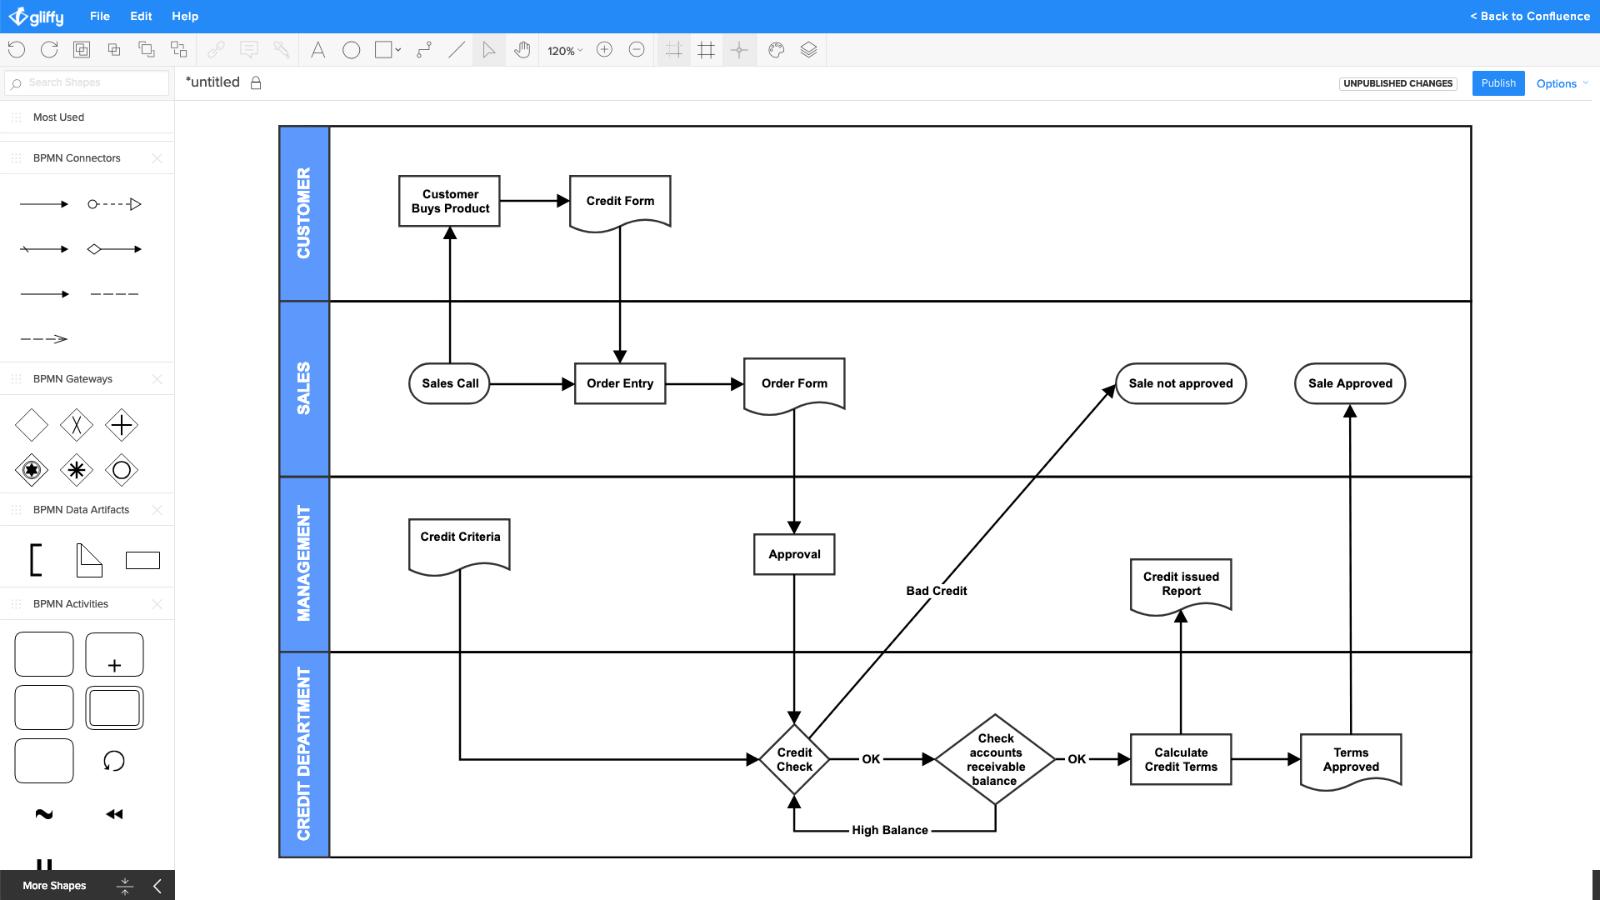 Exemple de diagramme de processus pour les transactions d'e-commerce offert par Gliffy